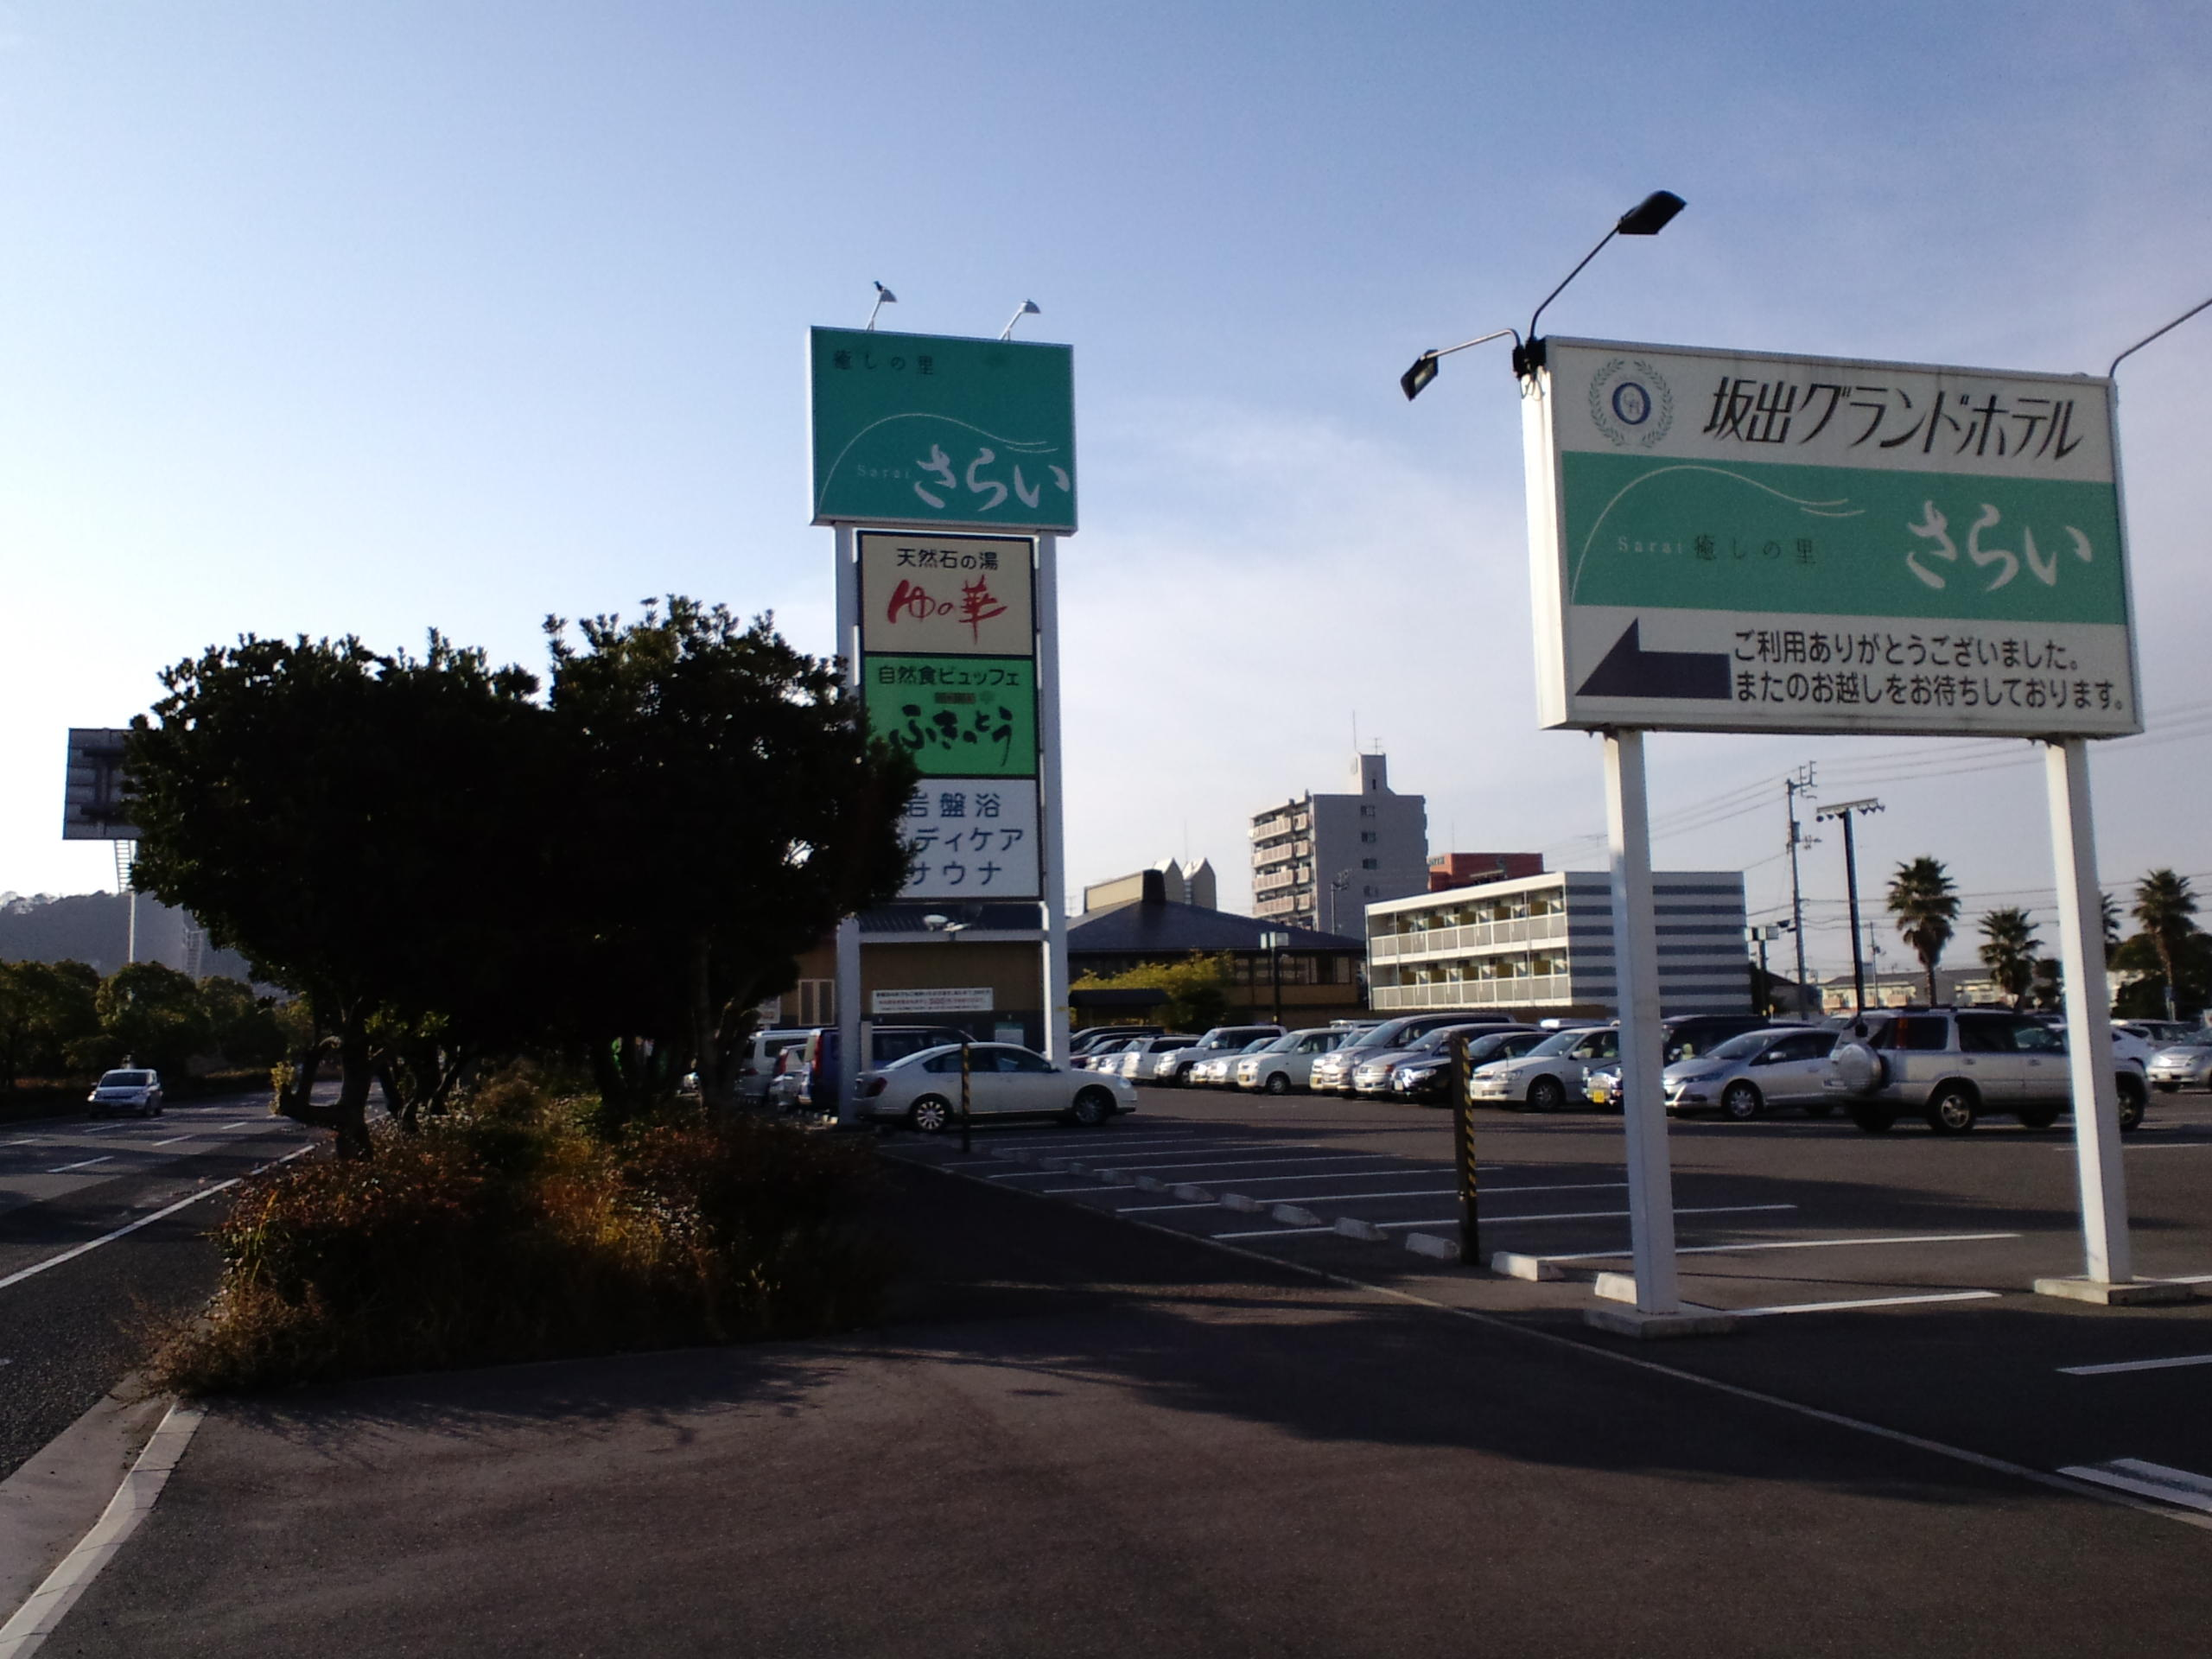 琴参バス瀬戸大橋線・「両景橋バス停」の目の前の好立地!